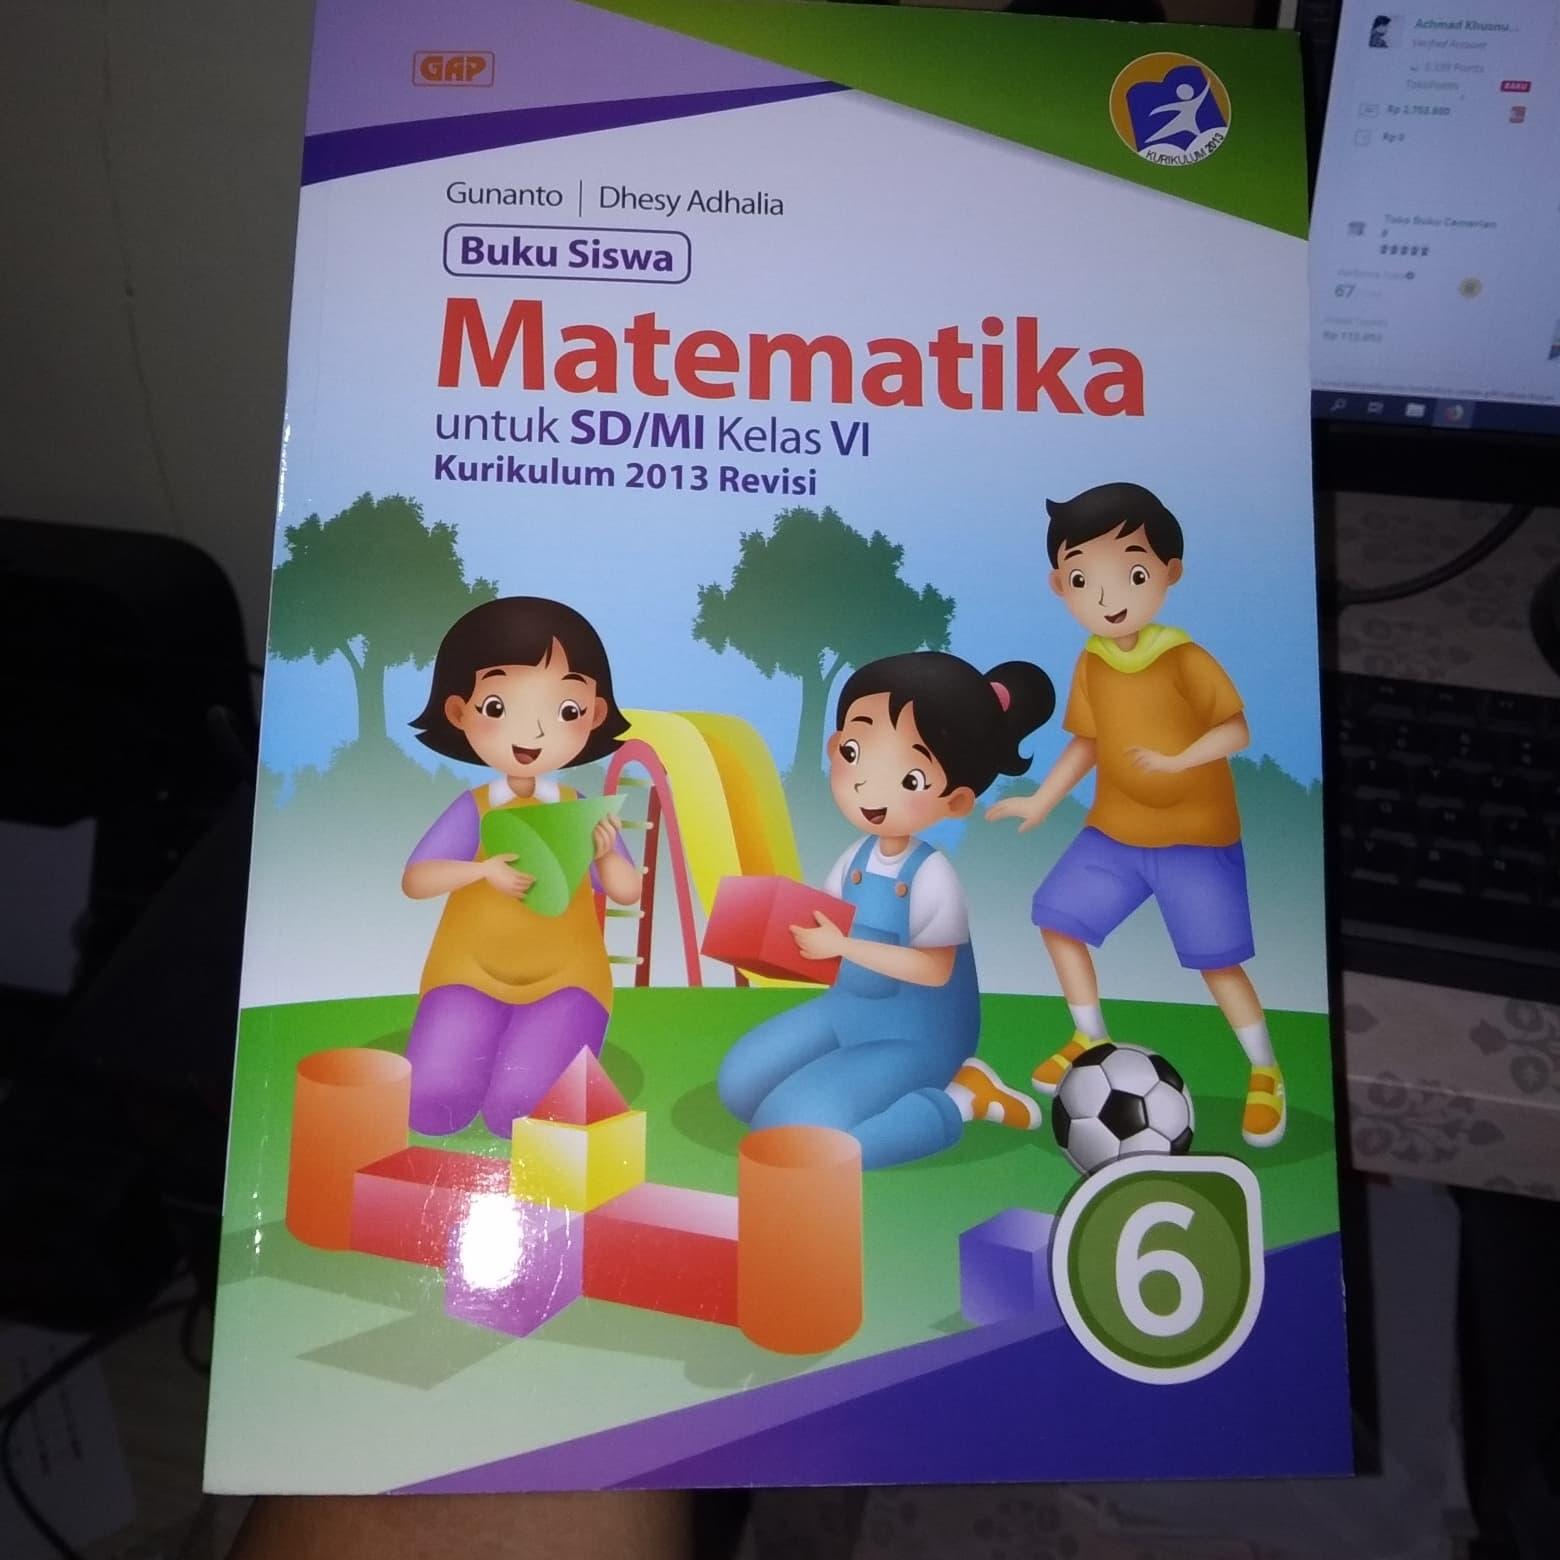 Kunci Jawaban Buku Matematika Kelas 6 Penerbit Erlangga Ktsp 2006 Kunci Jawaban Mtk Kelas 6 Kurikulum 2013 Guru Ilmu Sosial Untuk Menemukan Kunci Jawaban Yang Anda Cari Baik Untuk Kelas